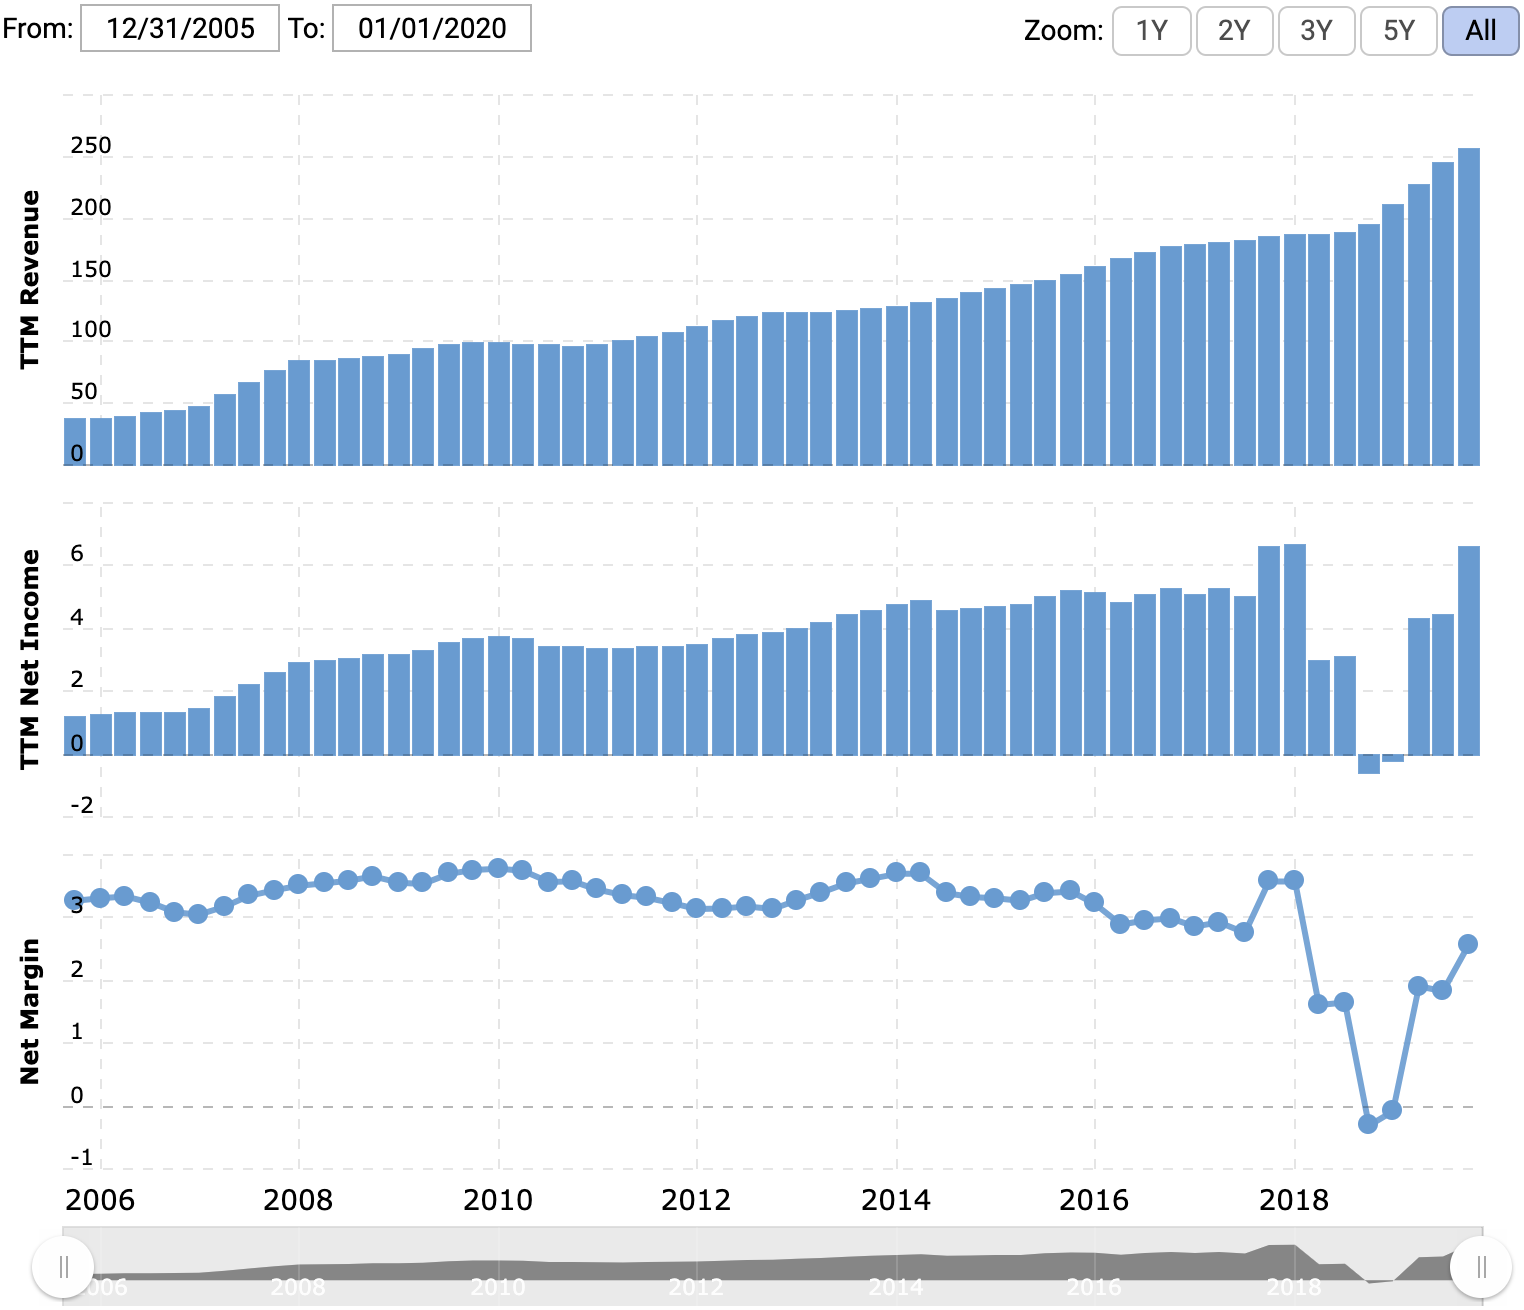 Выручка и прибыль компании за последние 12 месяцев в миллиардах долларов, маржа в процентах от выручки. Источник: Macrotrends